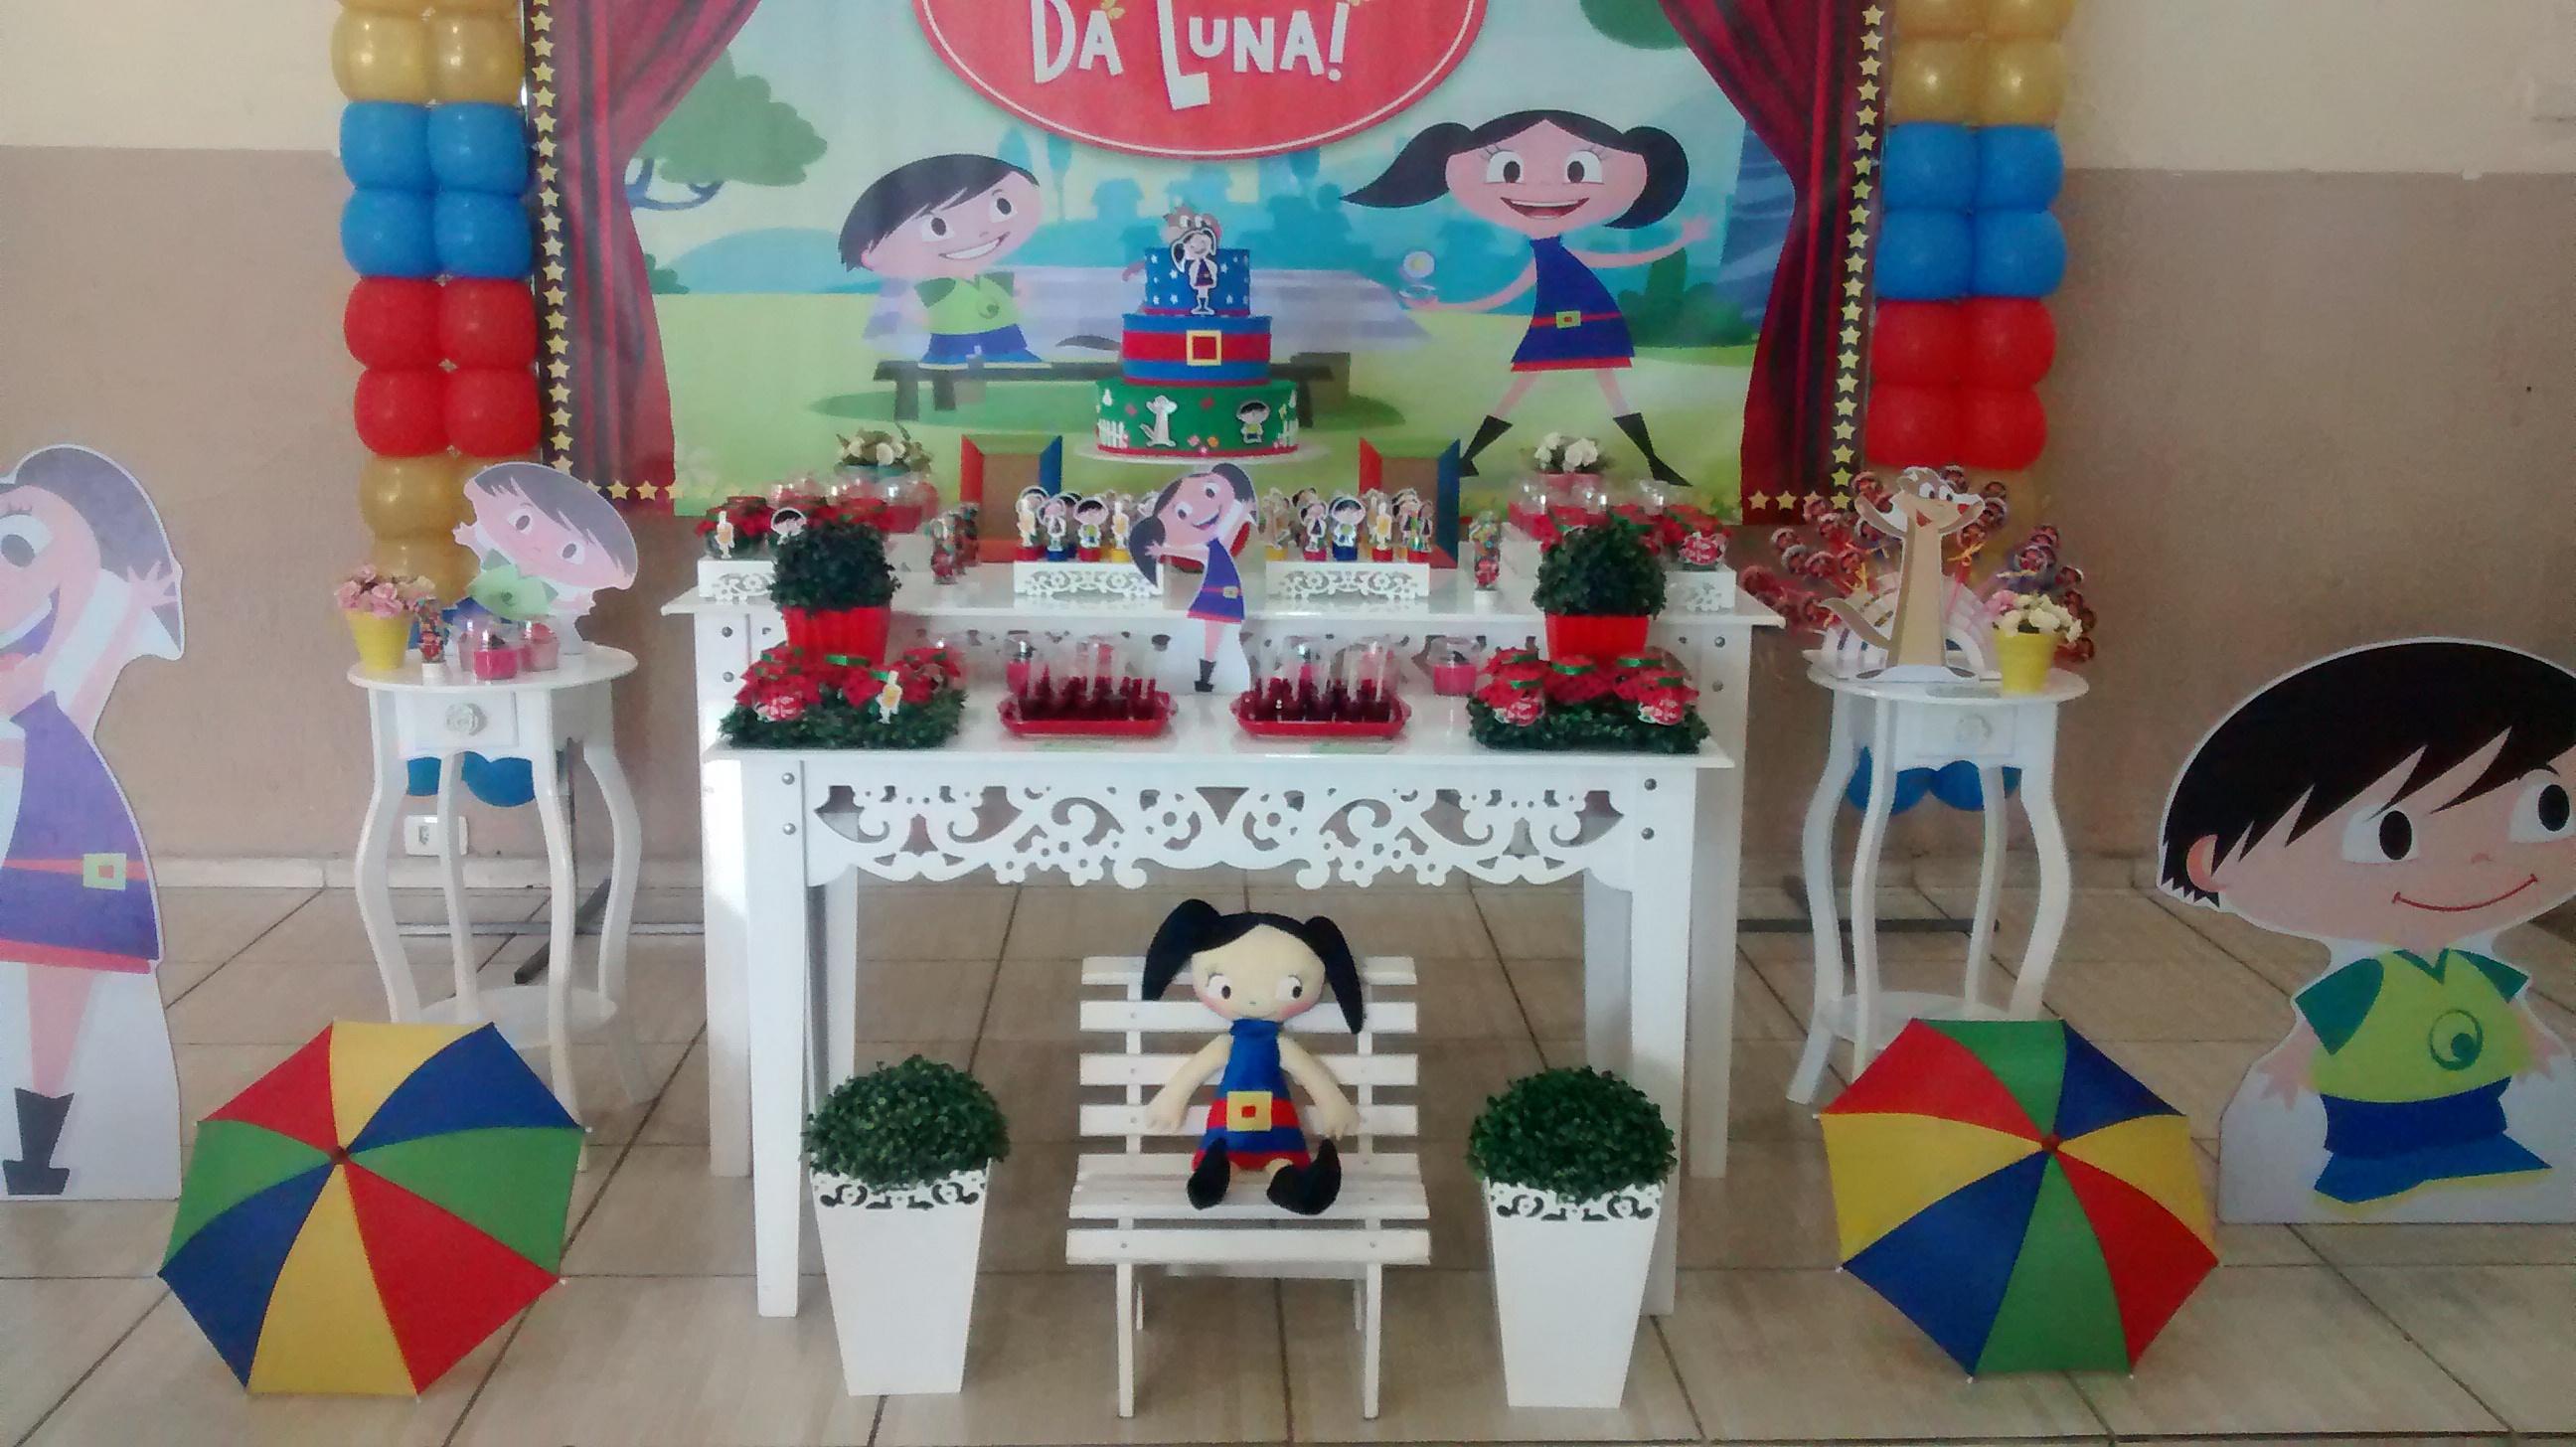 Decorao de Festa Infantil Show da Luna  Adriana